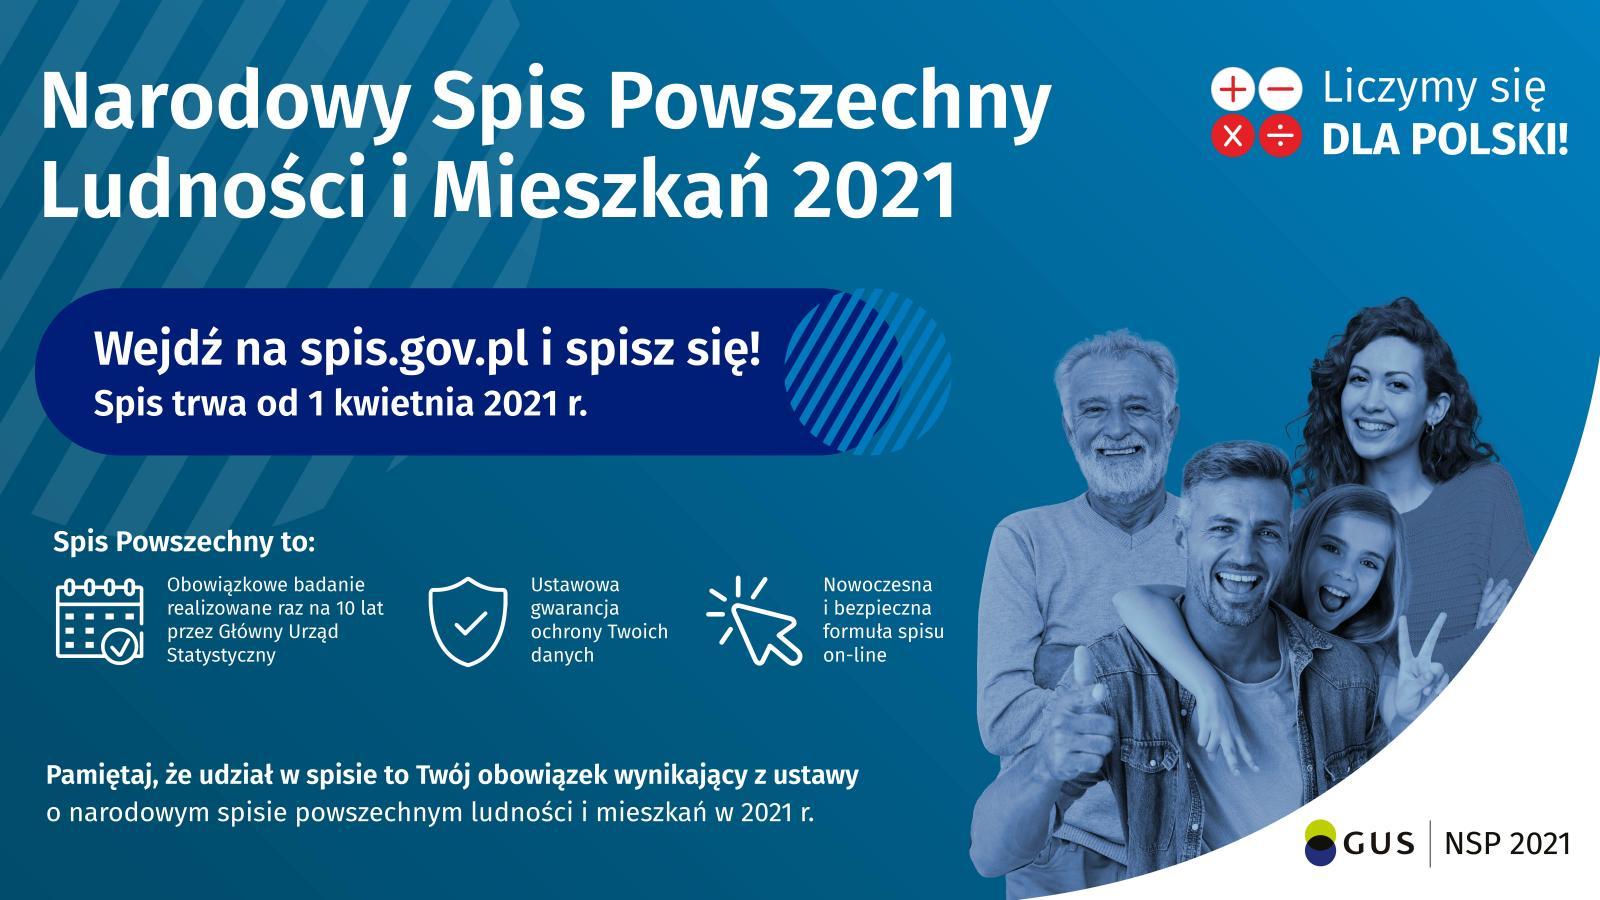 Narodowy Spis Powszechny w 2021